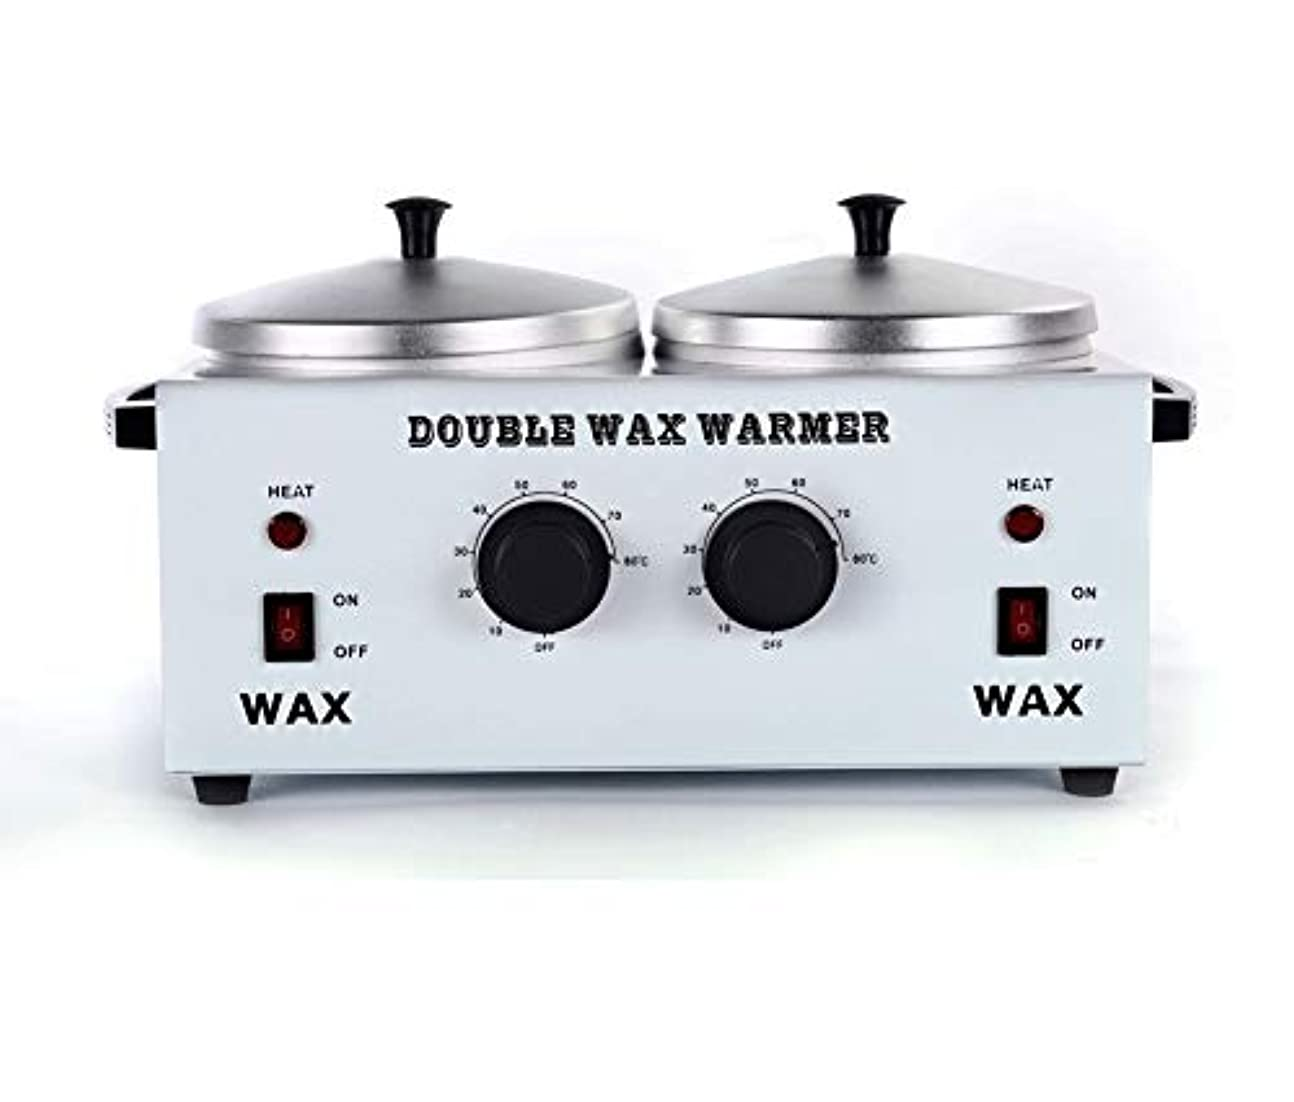 けん引対人ブラシワックスヒータープロフェッショナルダブルポット脱毛ワックスウォーマー、すべてのWAXS(ソフト、ハード、パラフィン)用電動ワックスヒーター機械ファストメルトポータブル人種のるつぼ